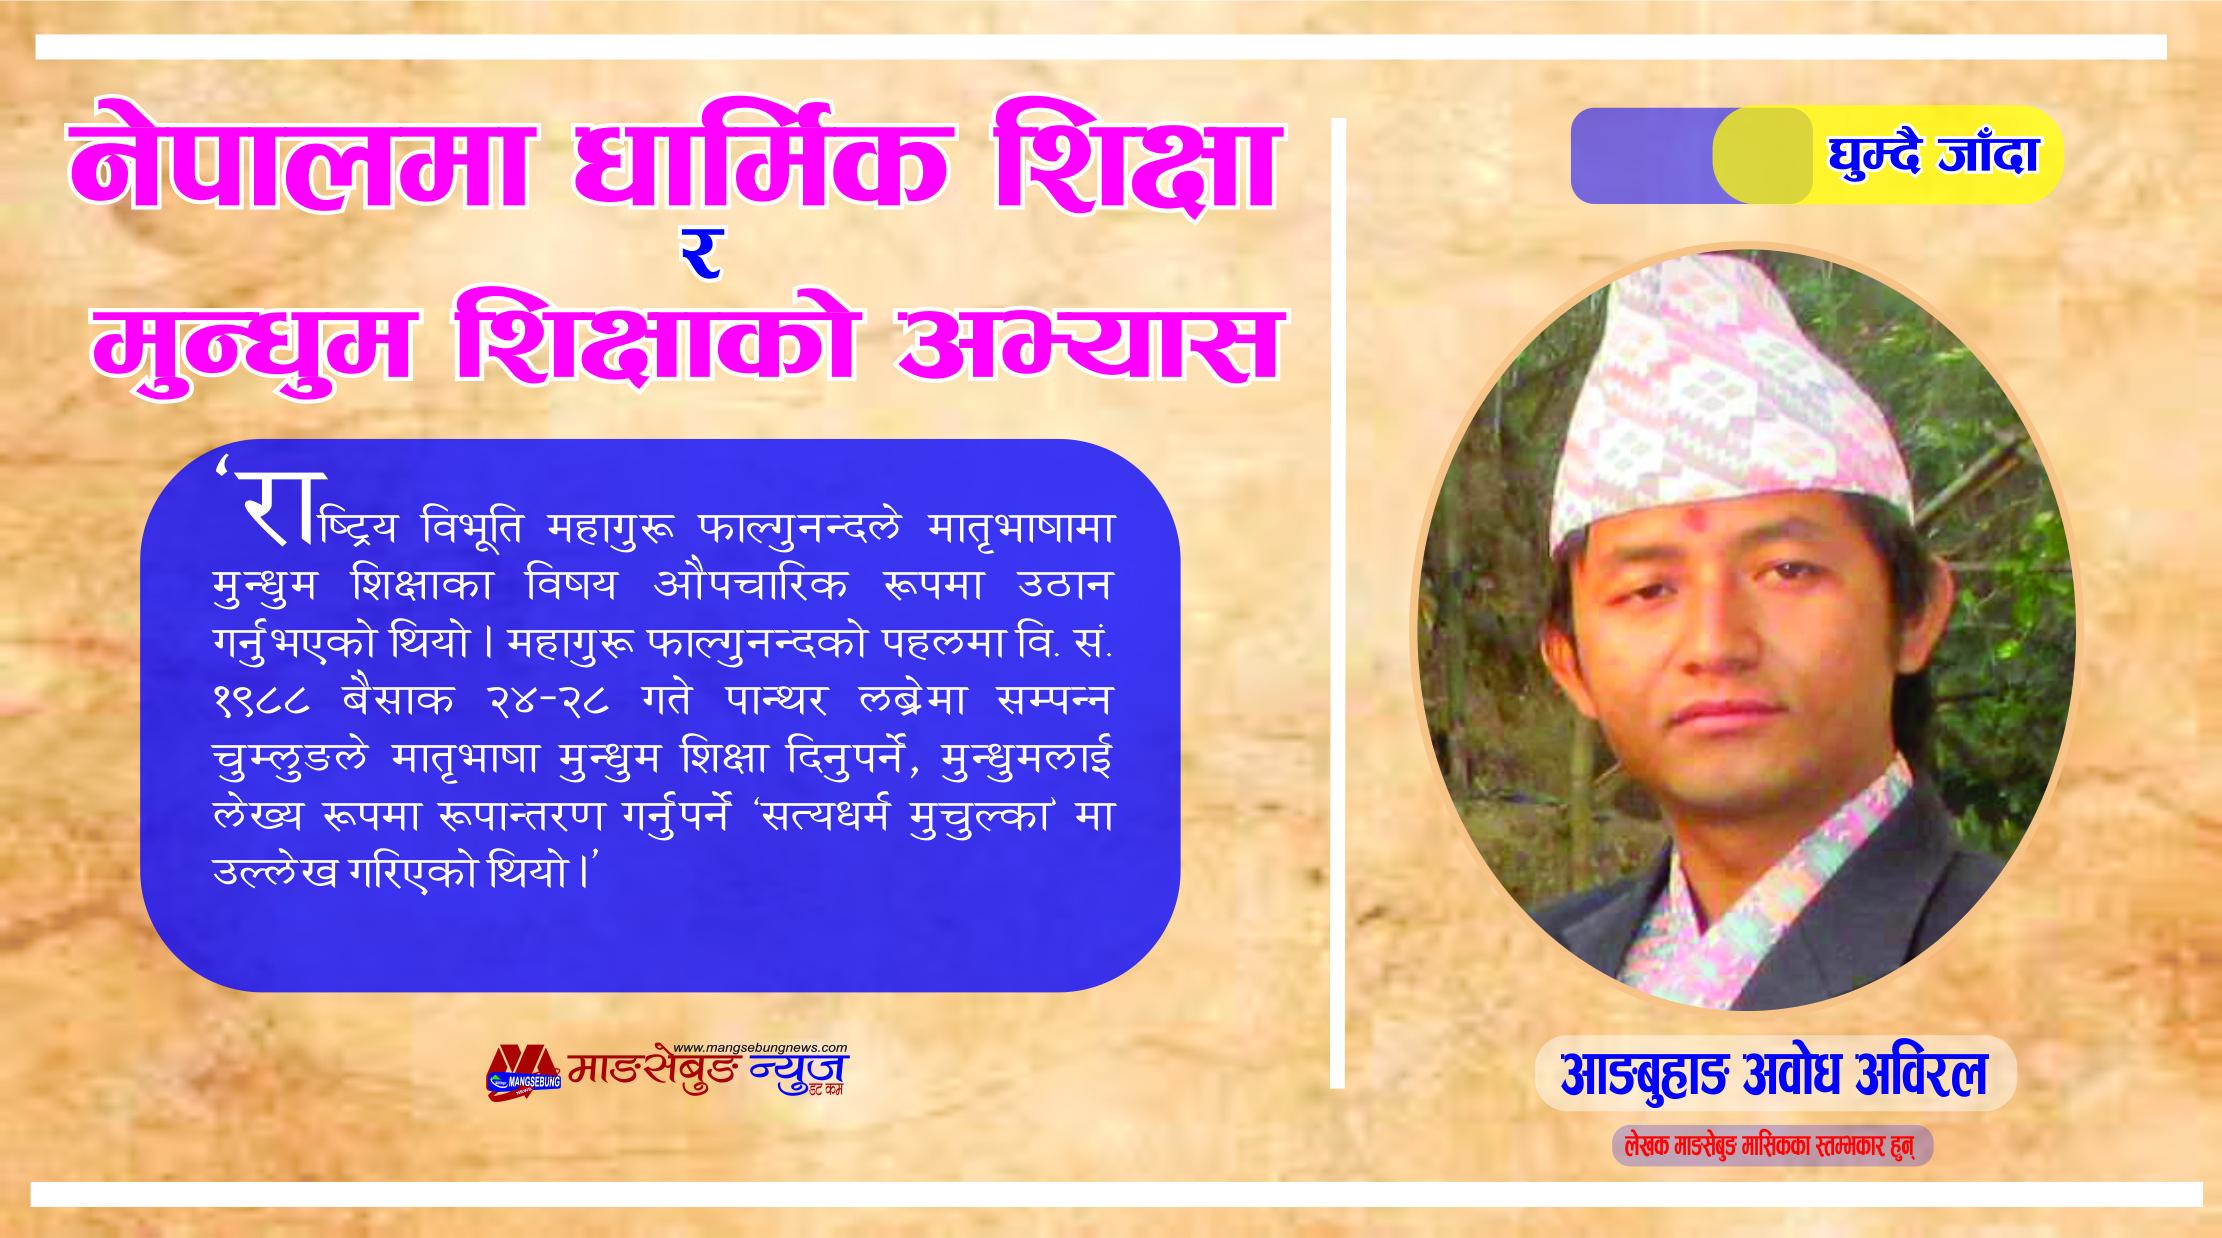 नेपालमा धार्मिक शिक्षा र मुन्धुम शिक्षाको अभ्यास